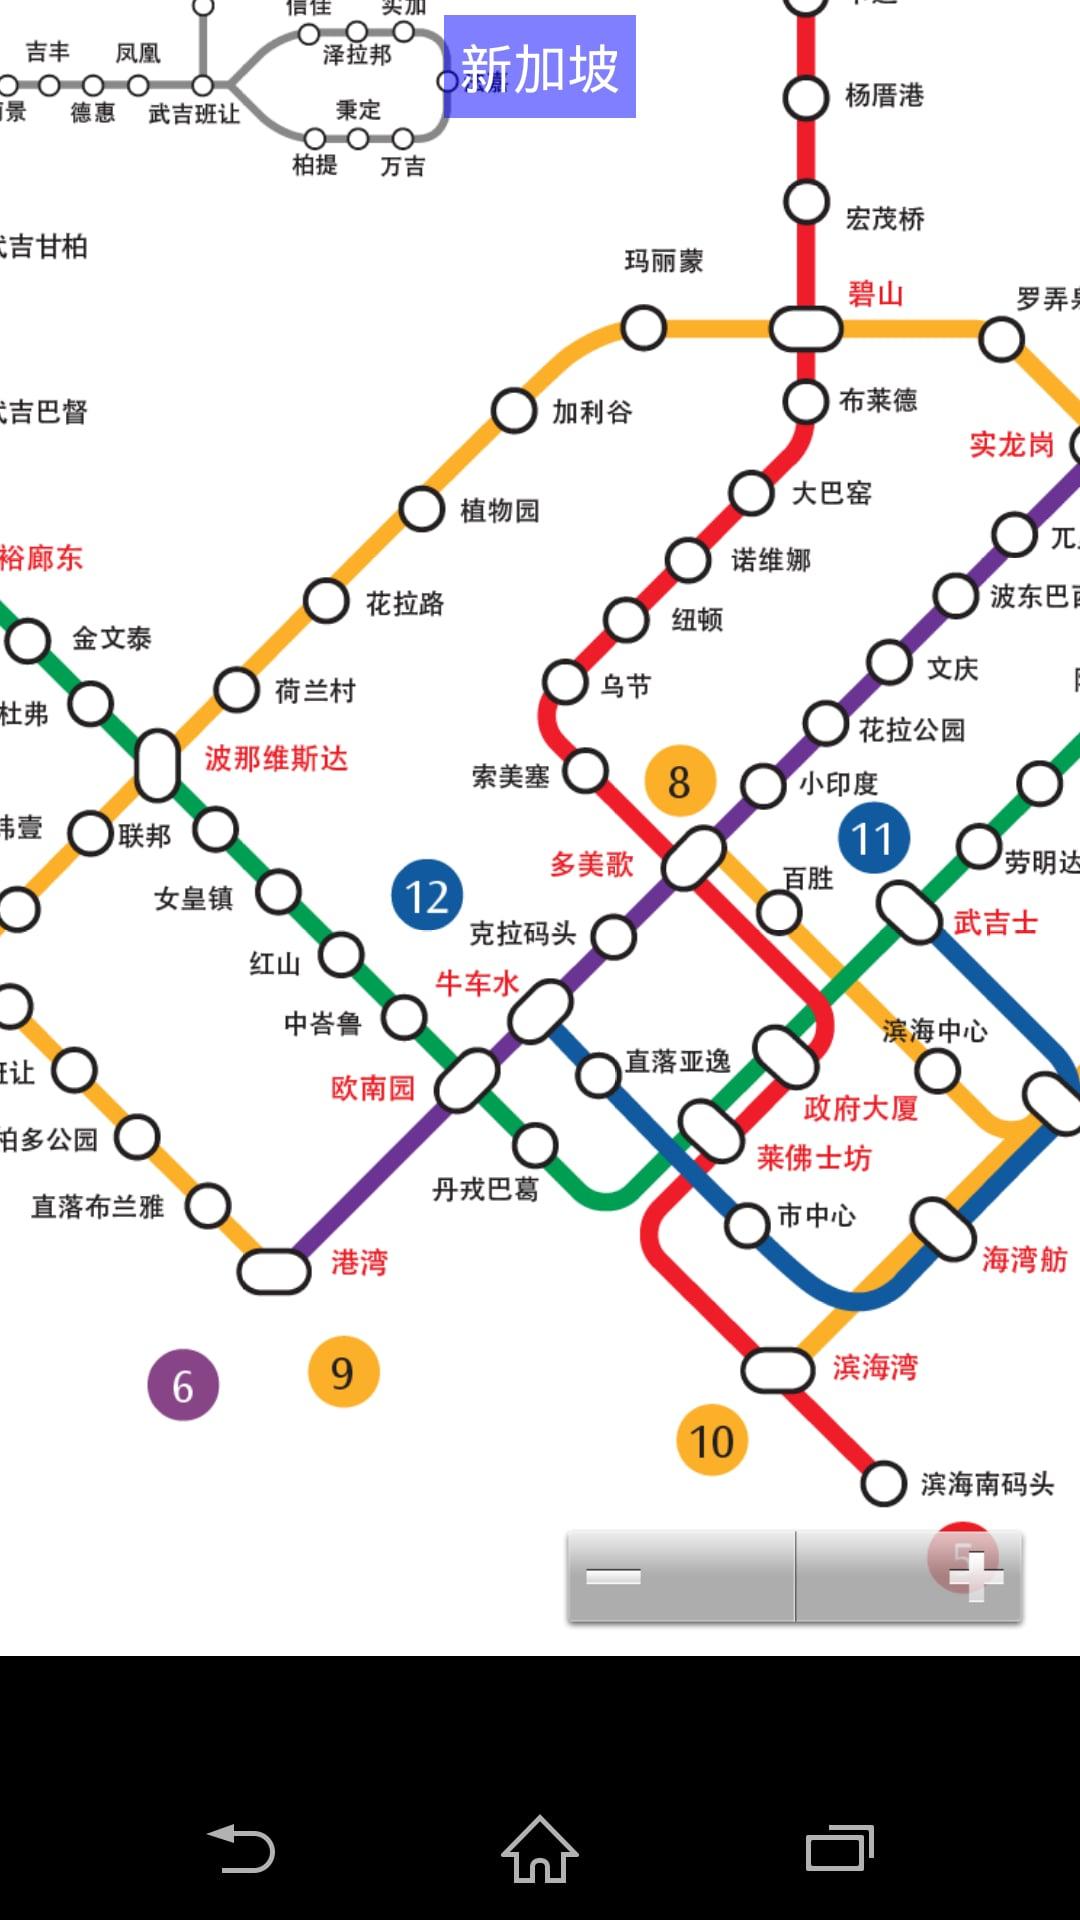 西安,香港,台北地铁高清图, 国外地铁地图韩国首尔,新加坡,印度新德里